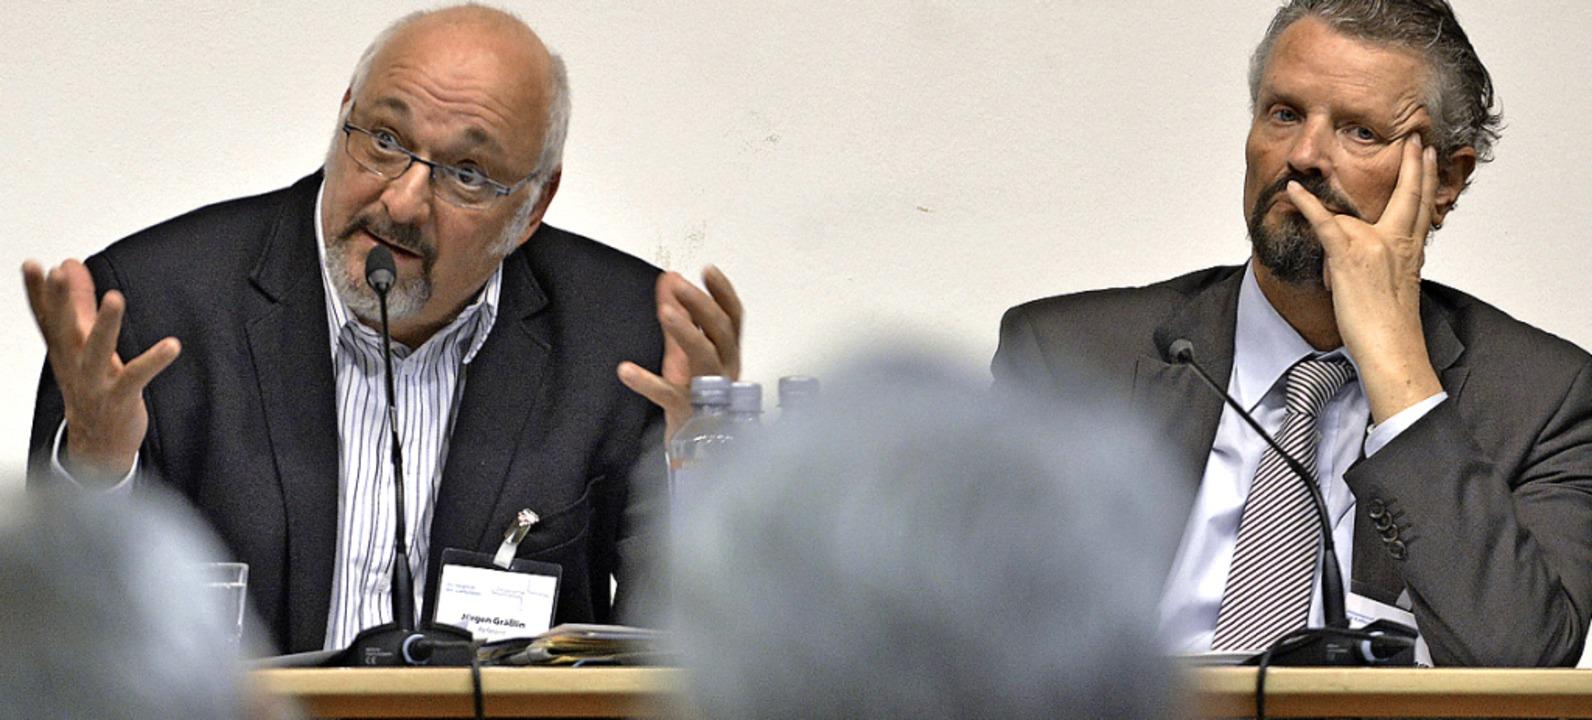 Meinungsstark sind sie beide: Jürgen G...rnot Erler bei der Podiumsdiskussion.   | Foto: Michael Bamberger